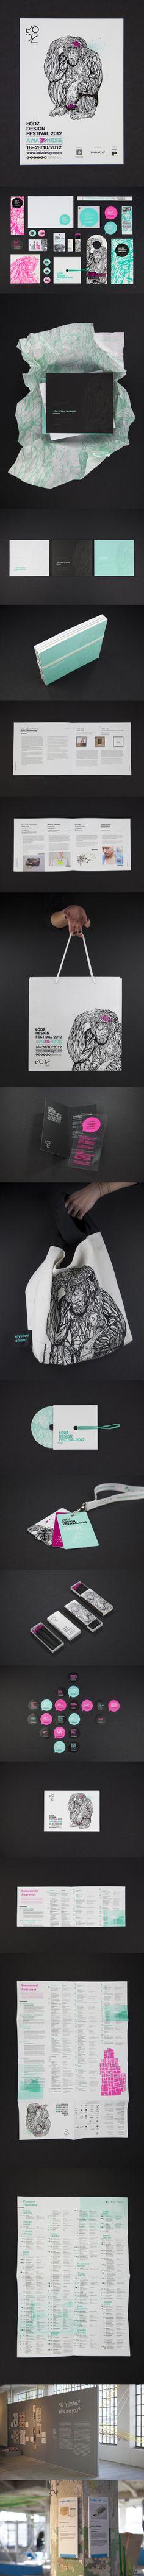 Lodz Design Festival //illustration, identity, packaging, branding